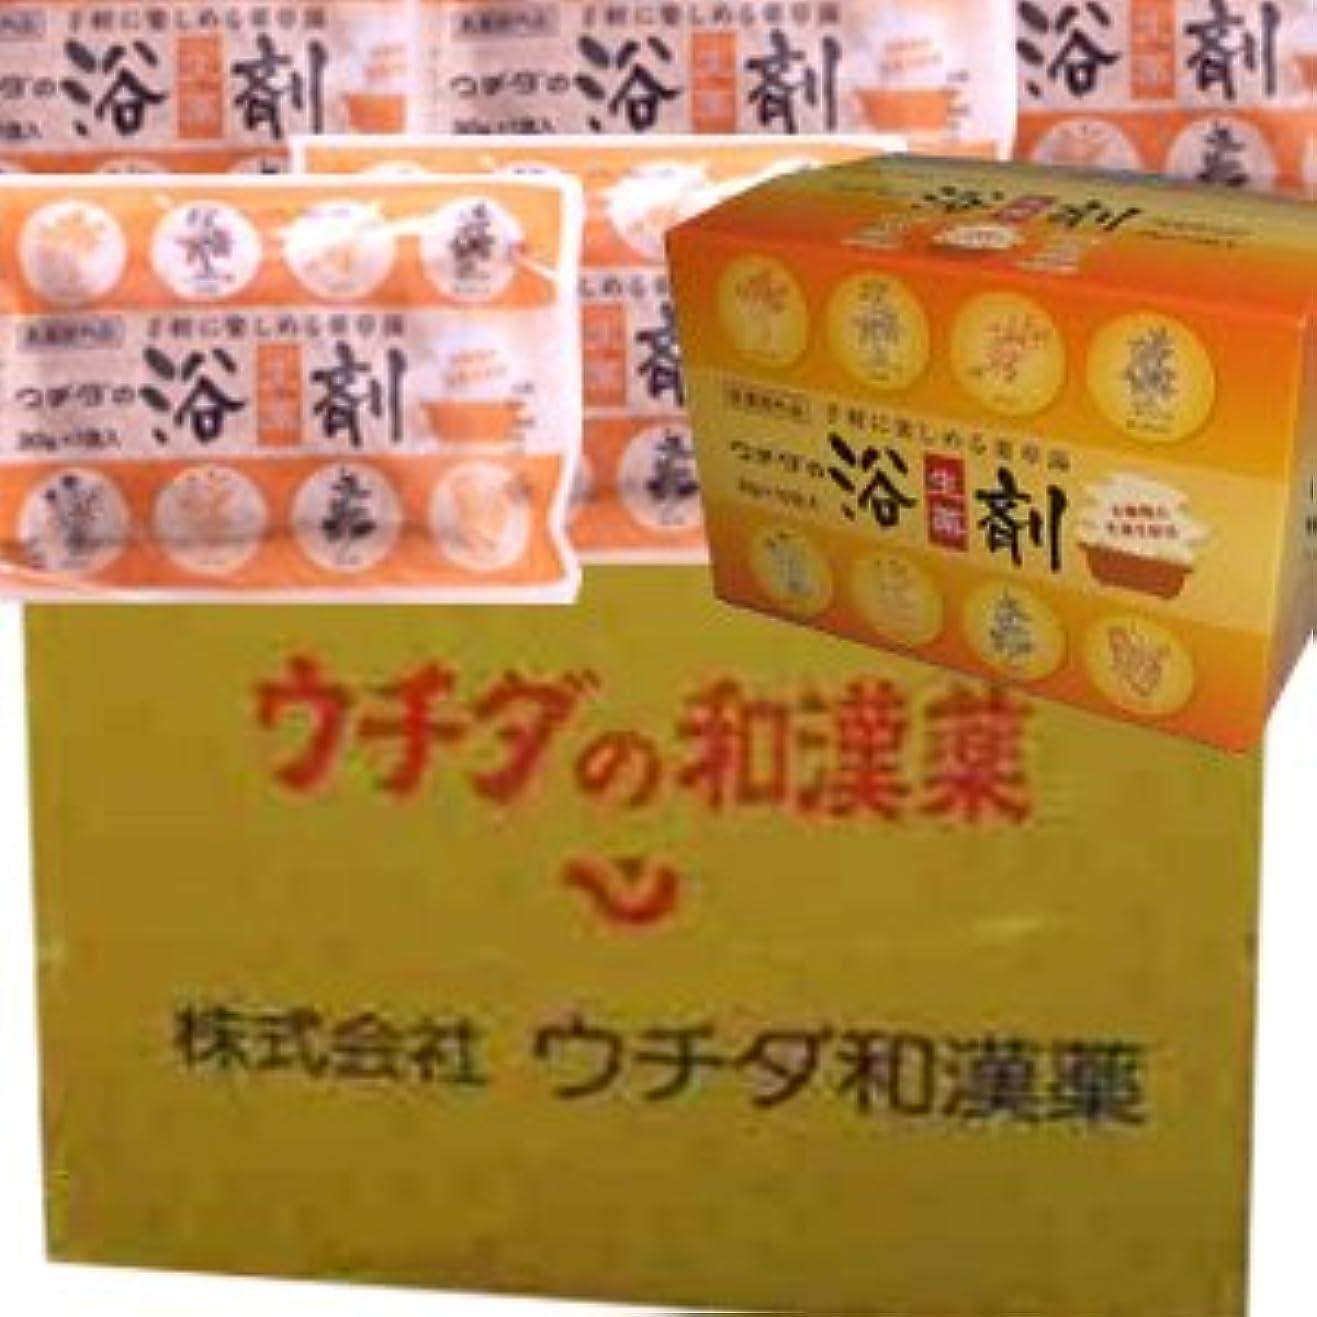 穿孔する年金拮抗【12個1ケース】 ウチダの浴剤 30g×10袋入×12個+6袋 (4987359400025)